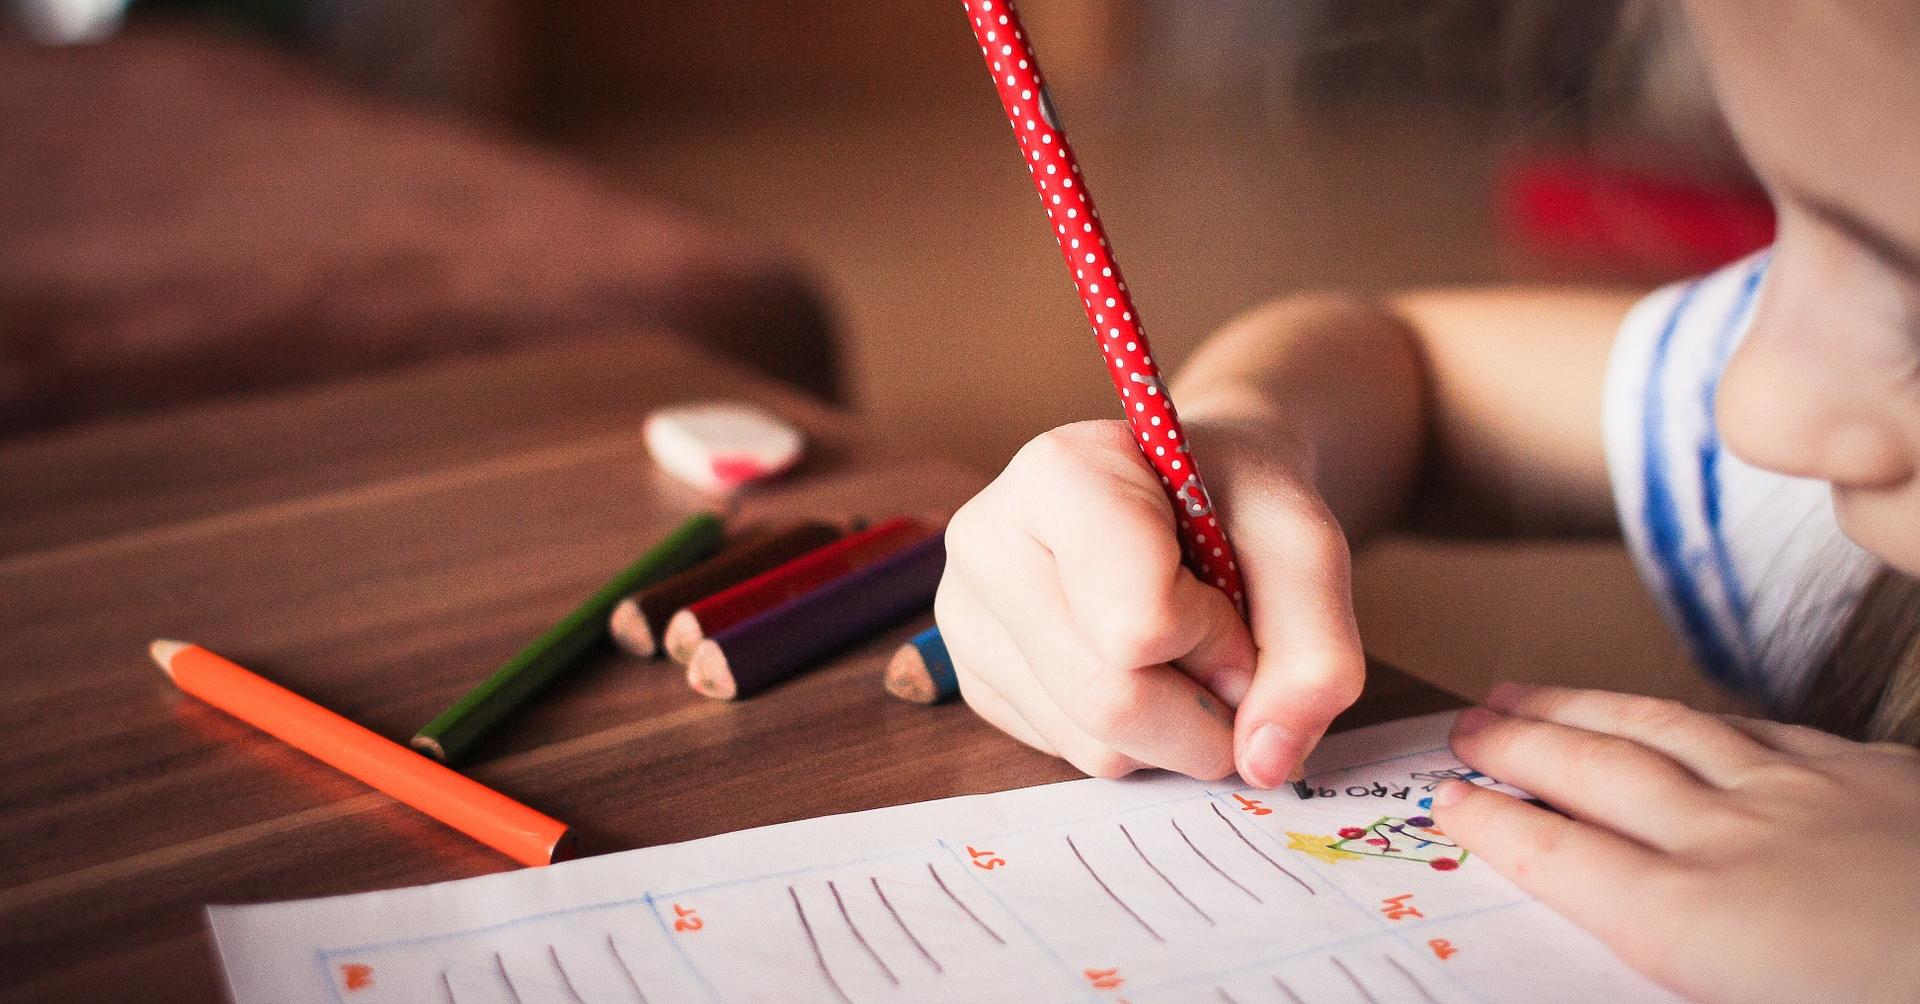 Jeux Pour Enfants : Les Meilleures Jeux Éducatifs à Jeux D Enfans Gratuit